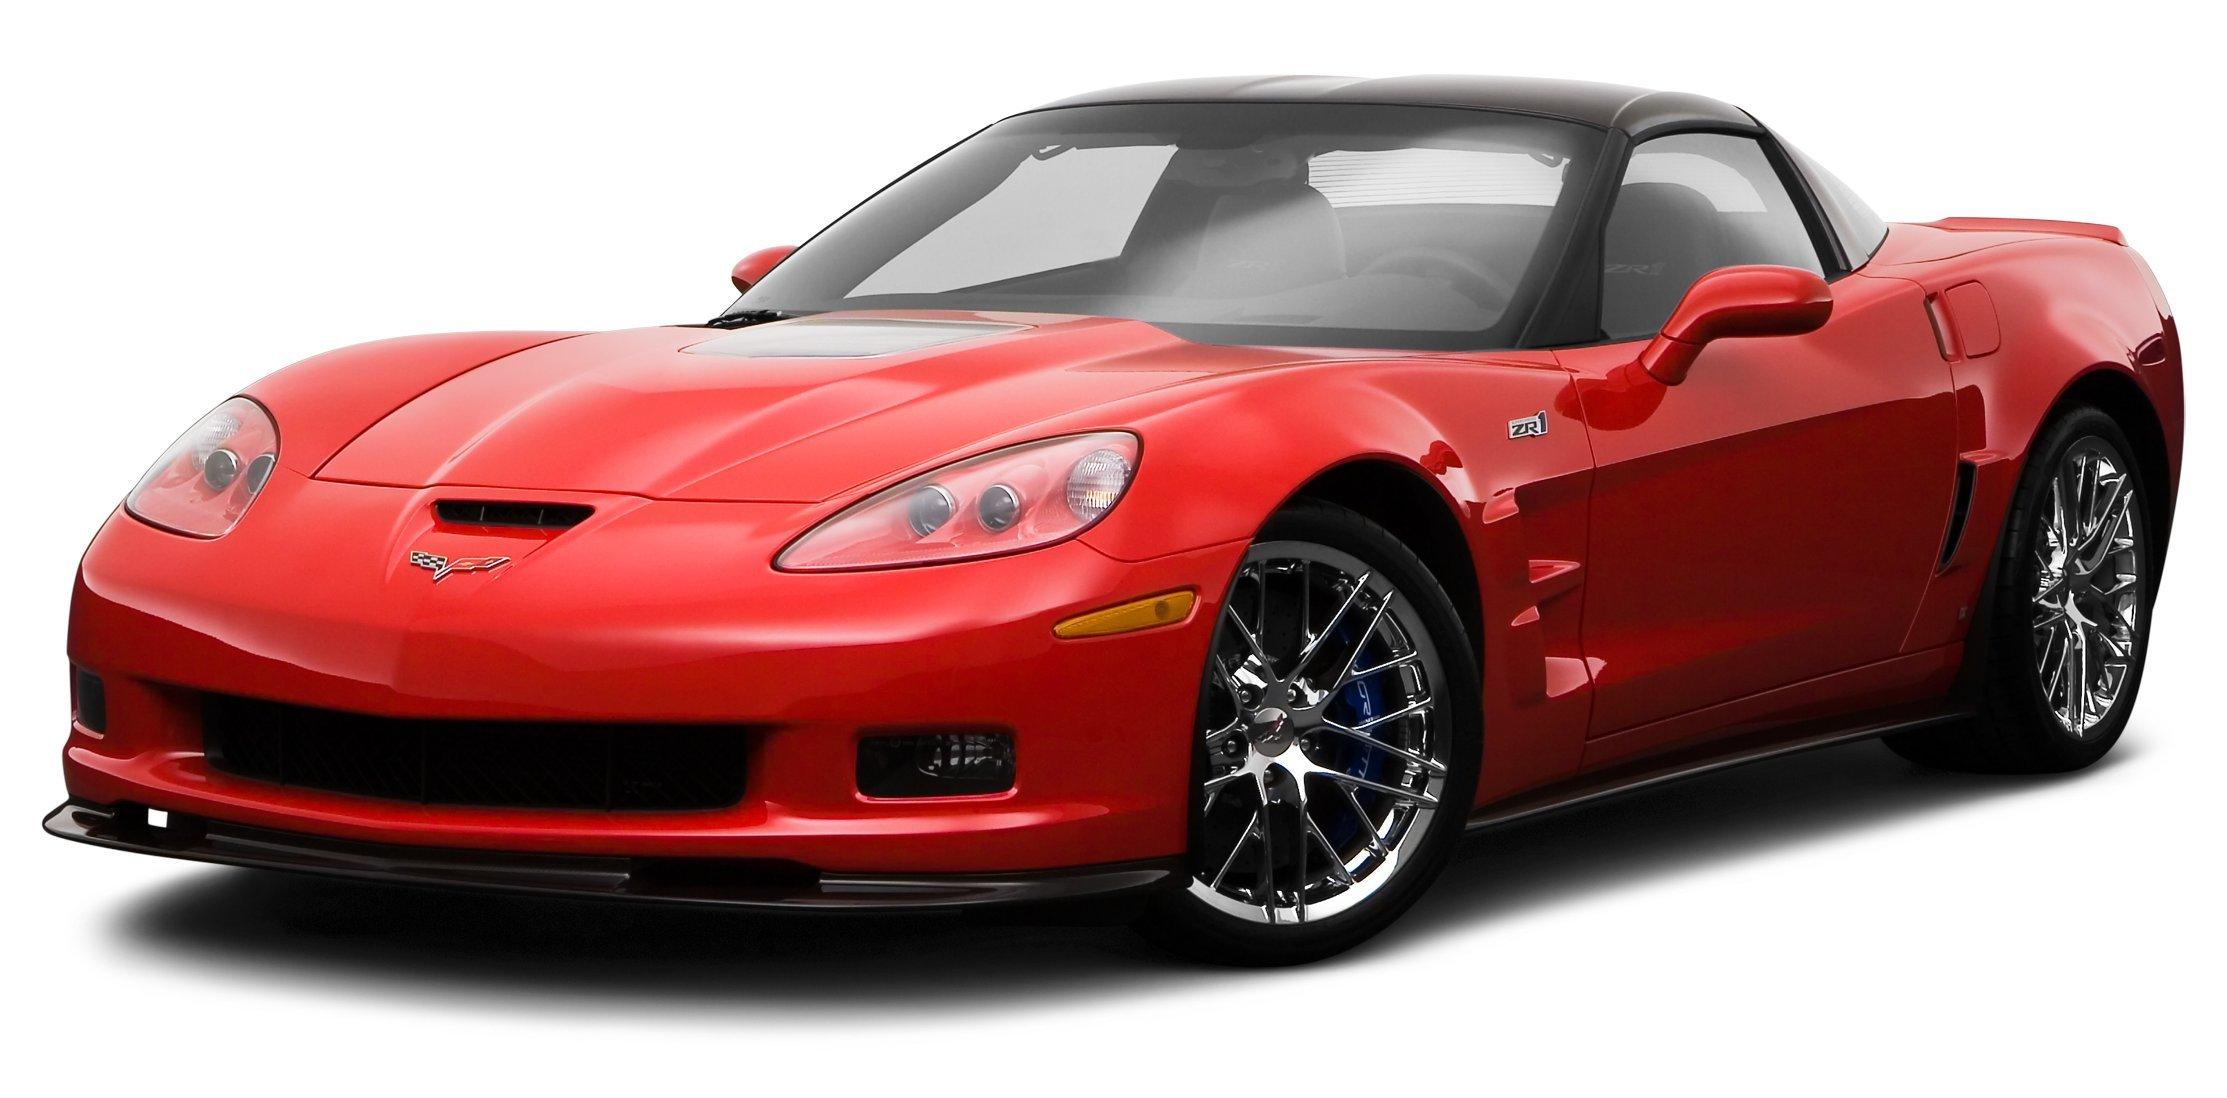 Amazon 2009 Aston Martin V8 Vantage Reviews and Specs